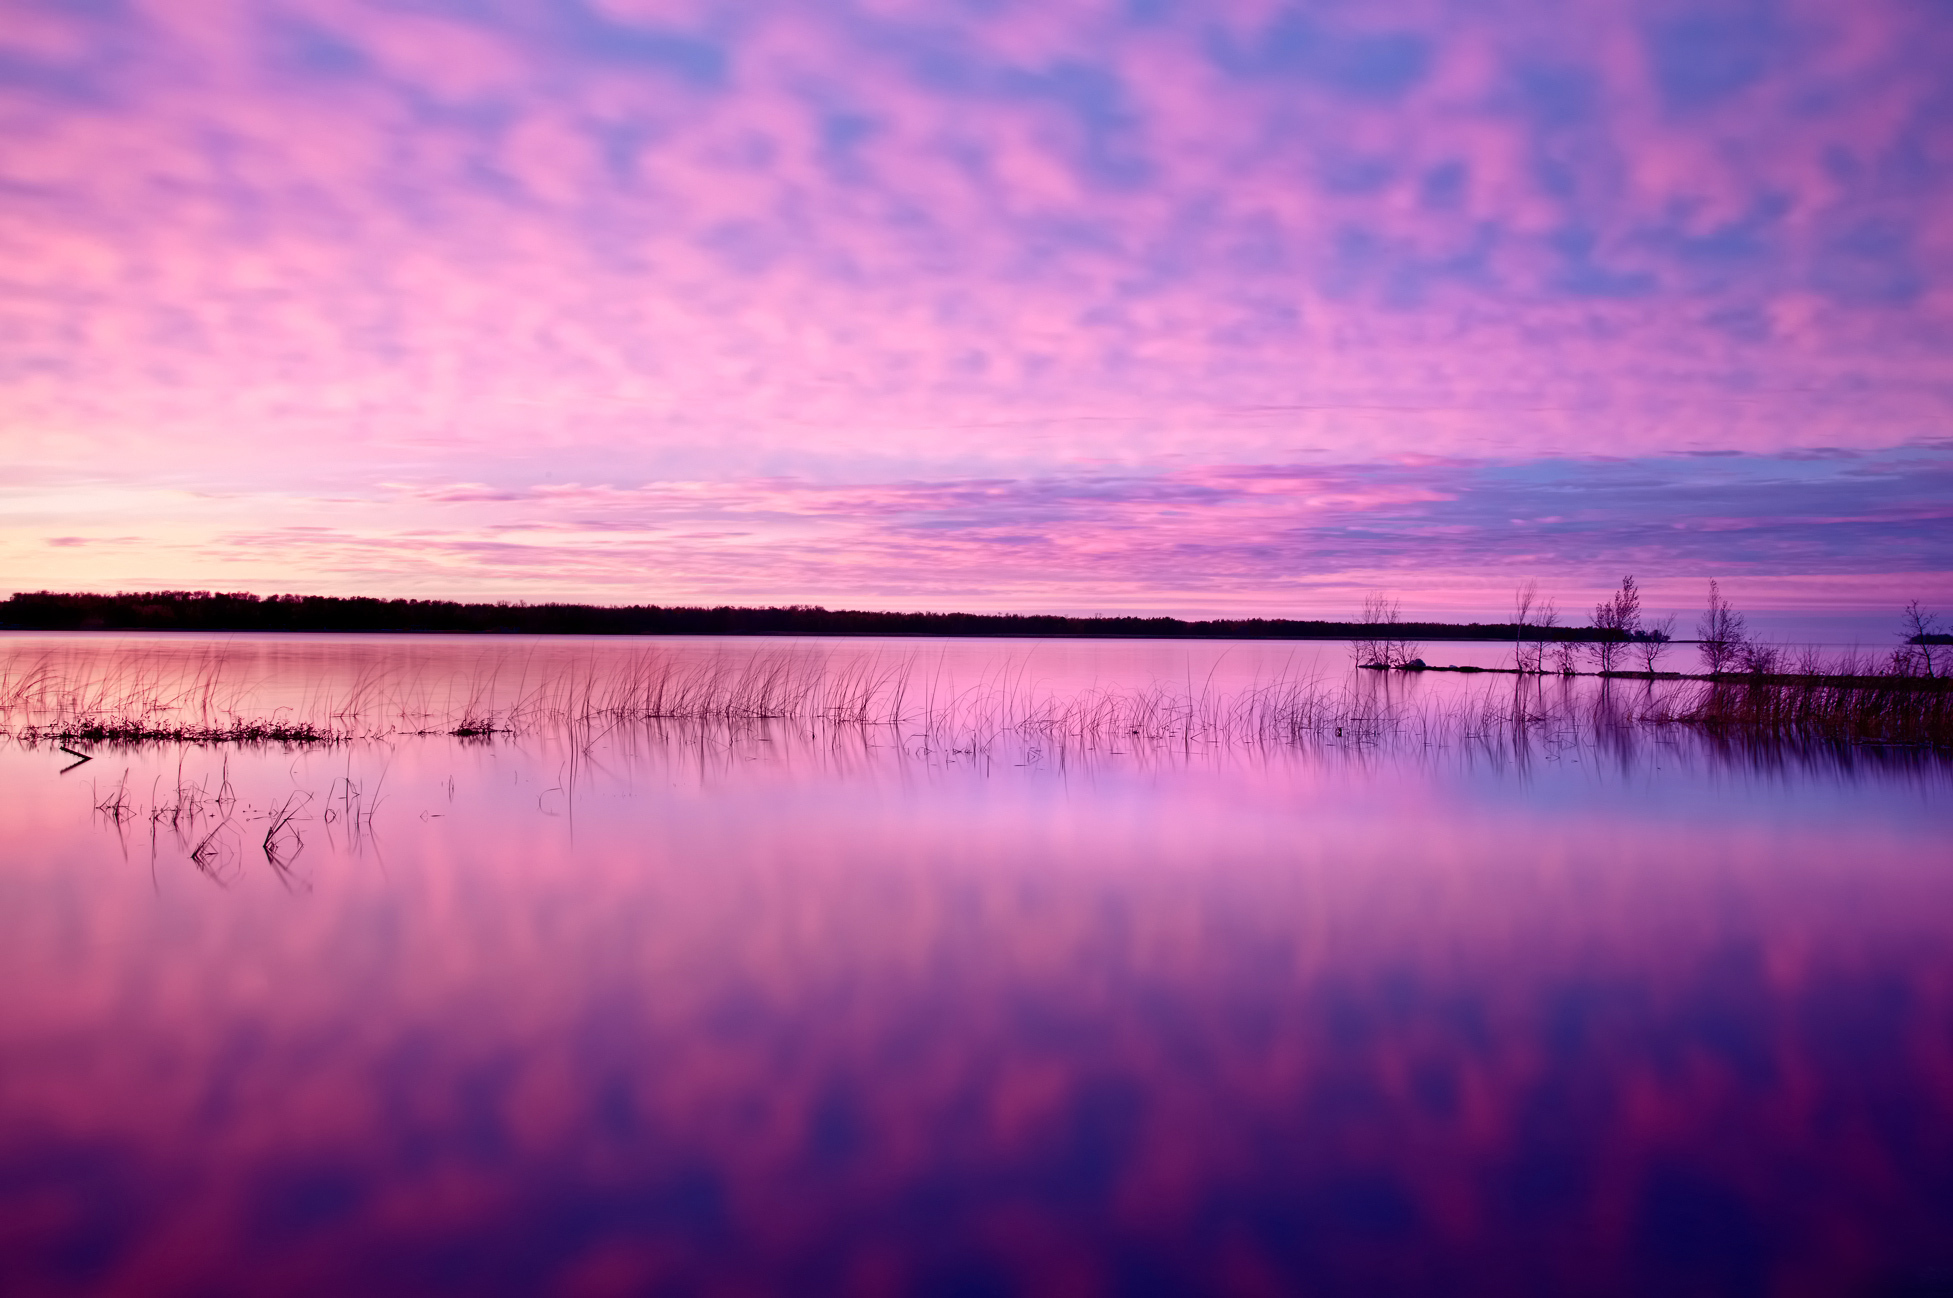 закат озеро небо трава  № 3878905 загрузить